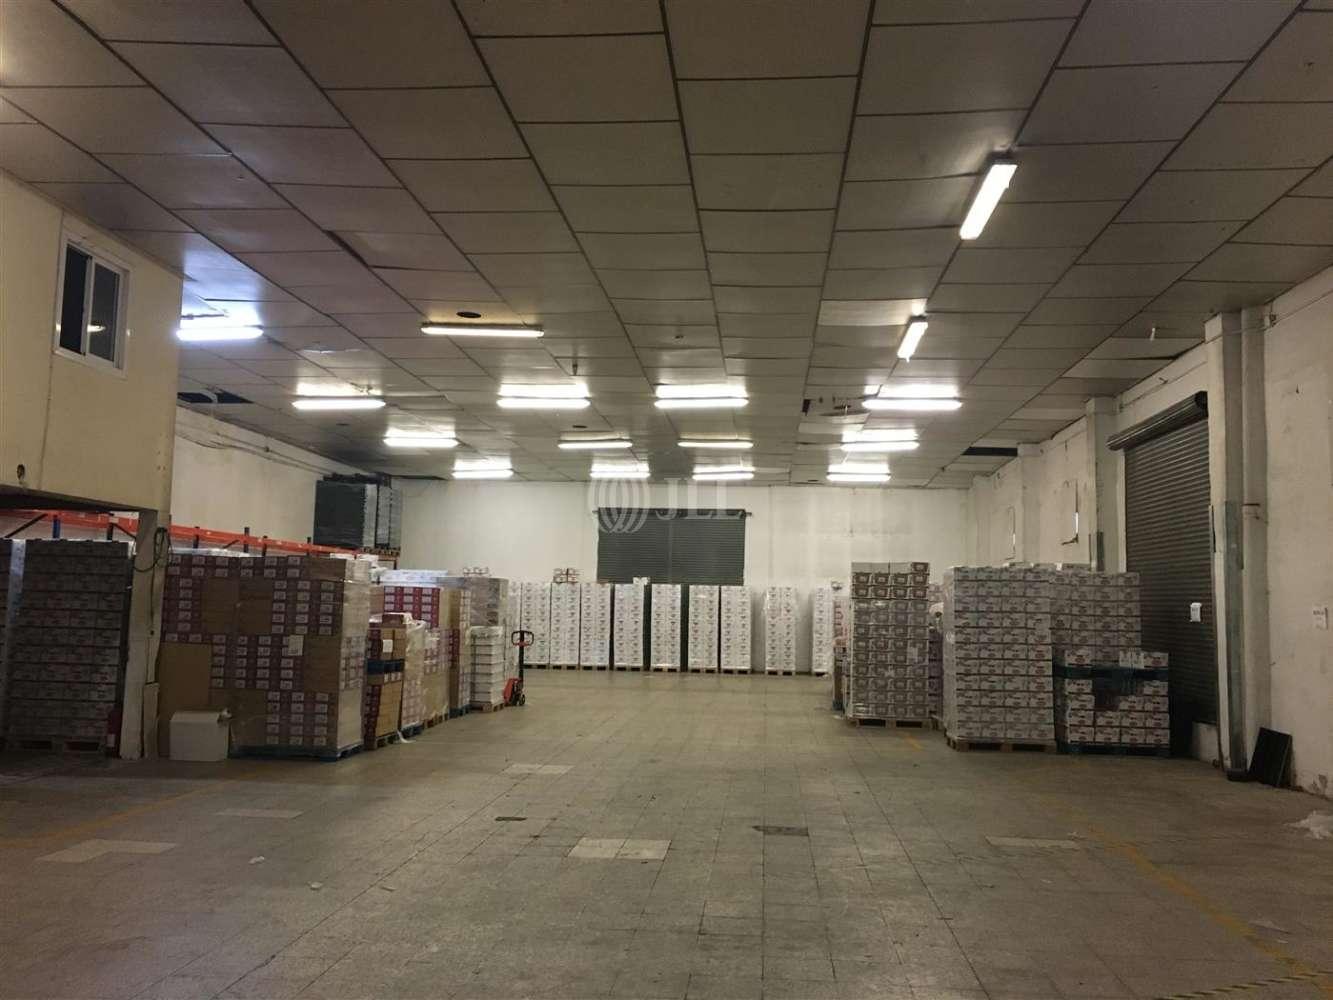 Naves industriales y logísticas Barberà del vallès, 08210 - Nave Industrial - B0504 - P.I RONDA STA MARIA - 22404